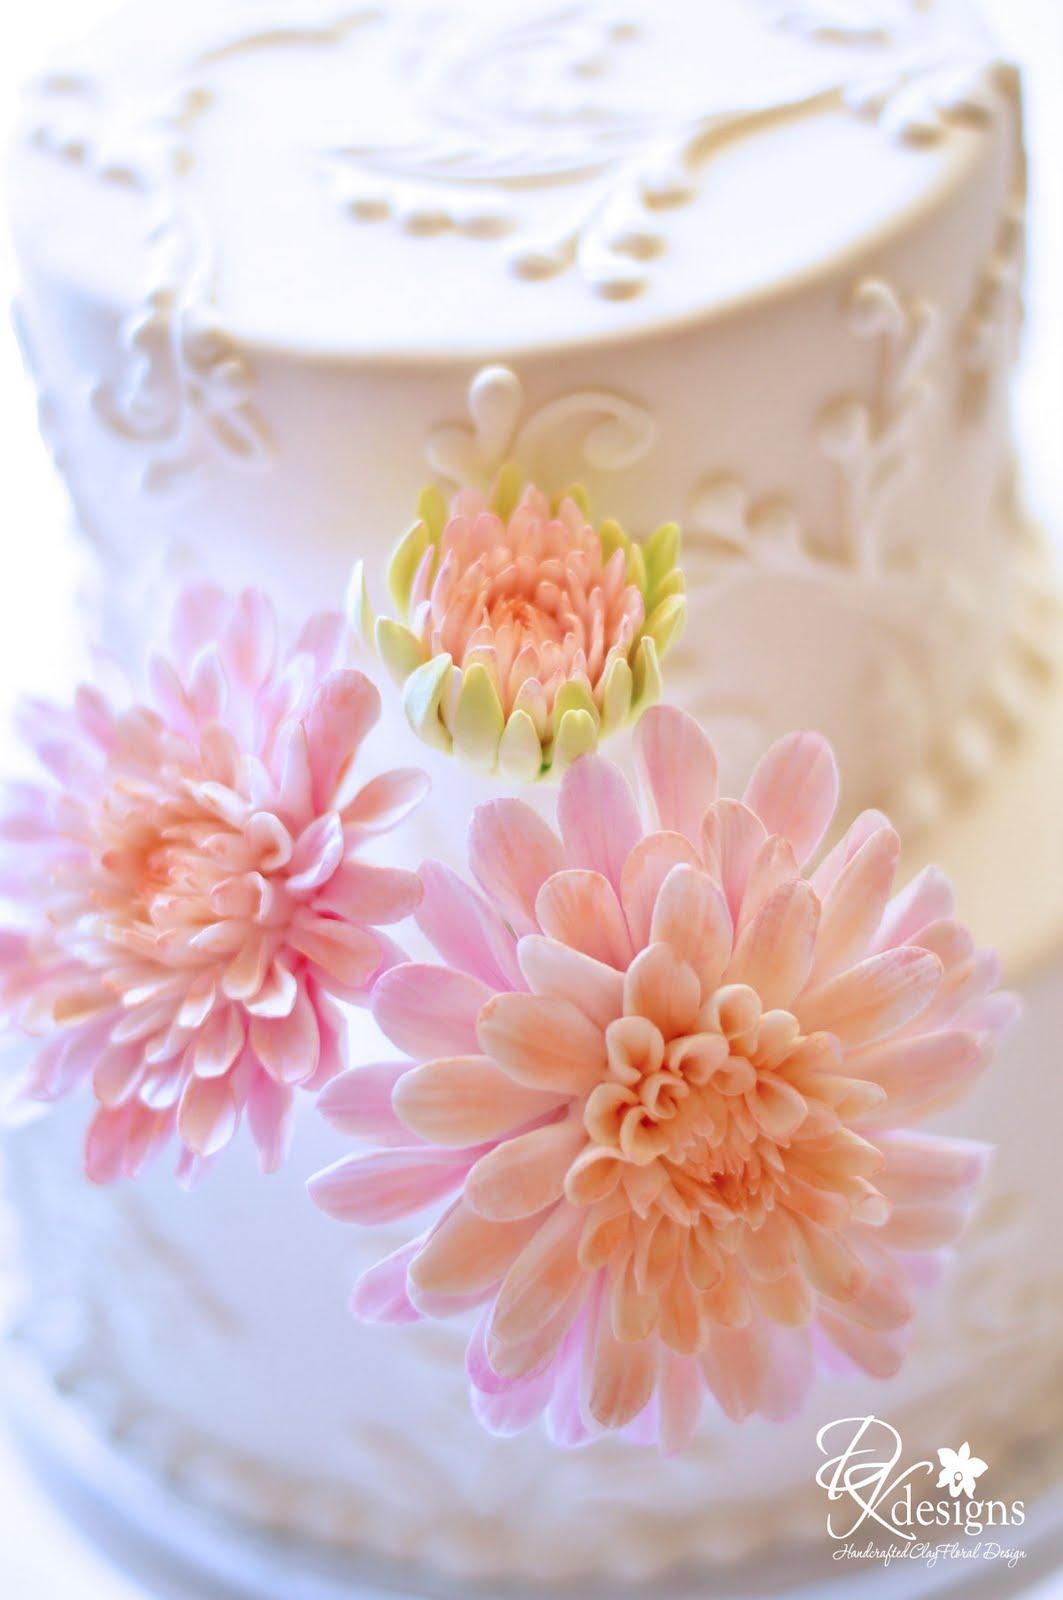 Cafe Au Lait Dahlia Cake Flowers - DK Designs